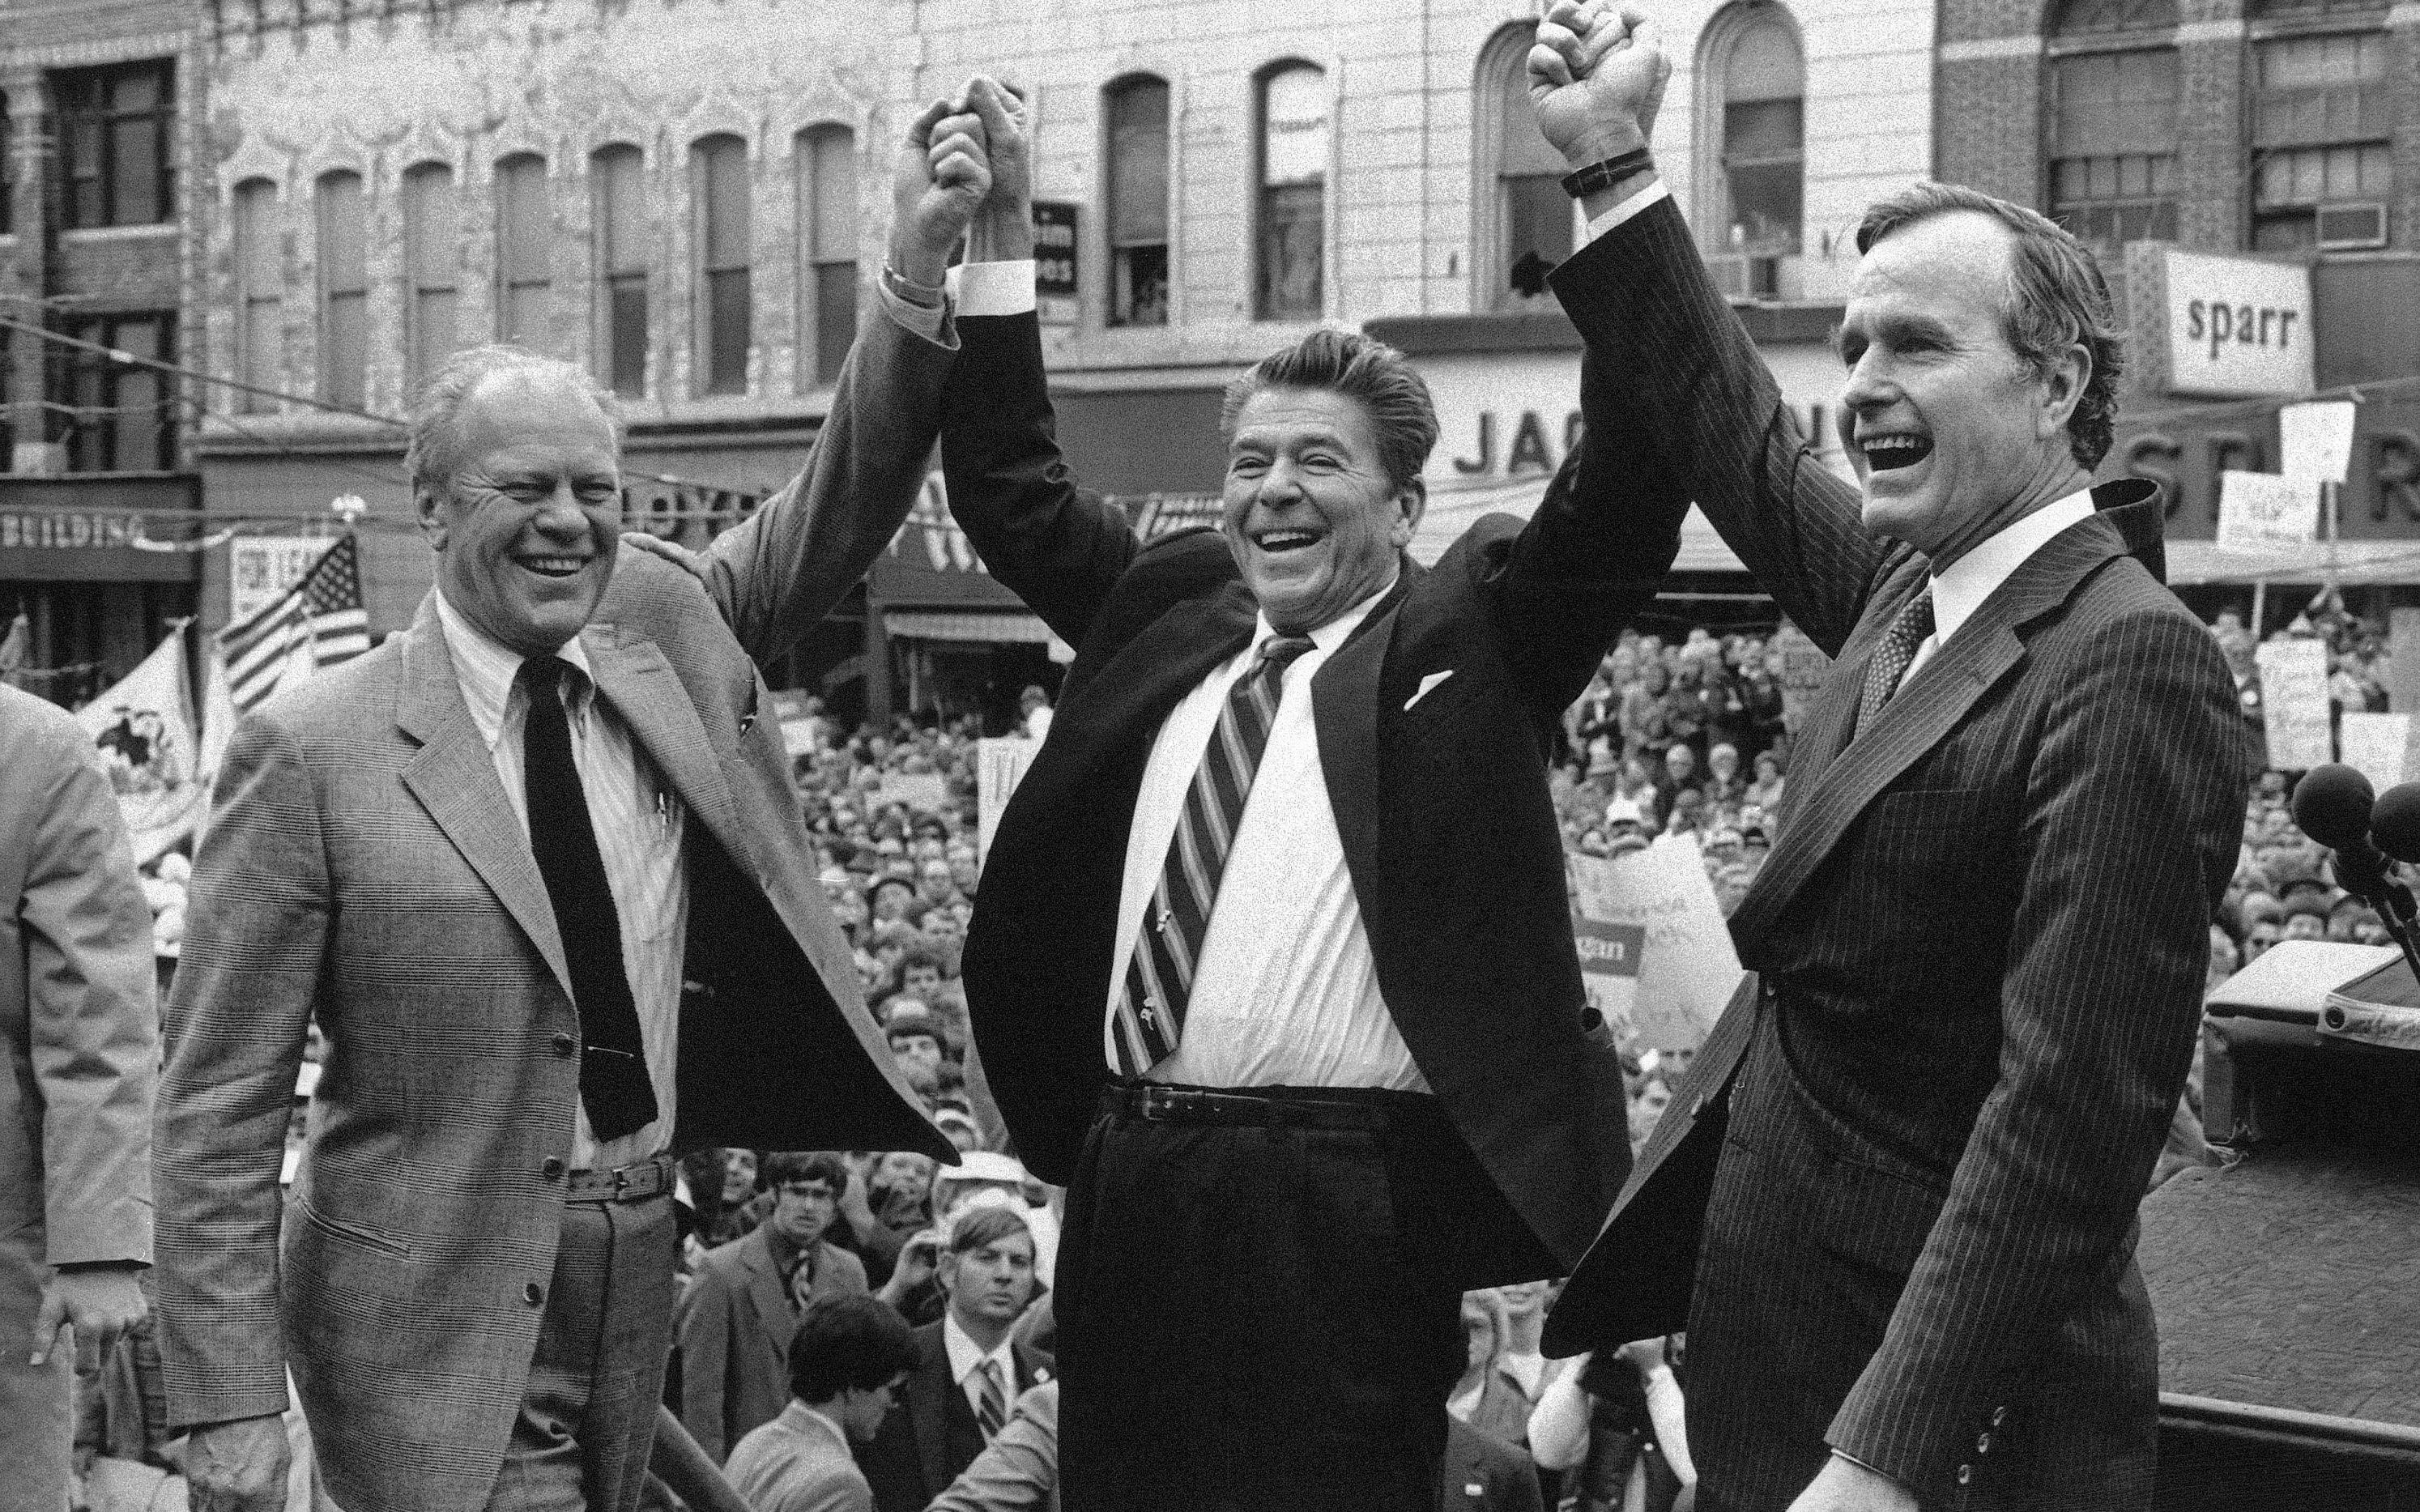 El ex presidente Gerald Fordmostrando su apoyo al entoncescandidato republicano Ronald Reagan junto con su compañero de fórmulaGeorge H.W. Bush. (AP Photo, File)